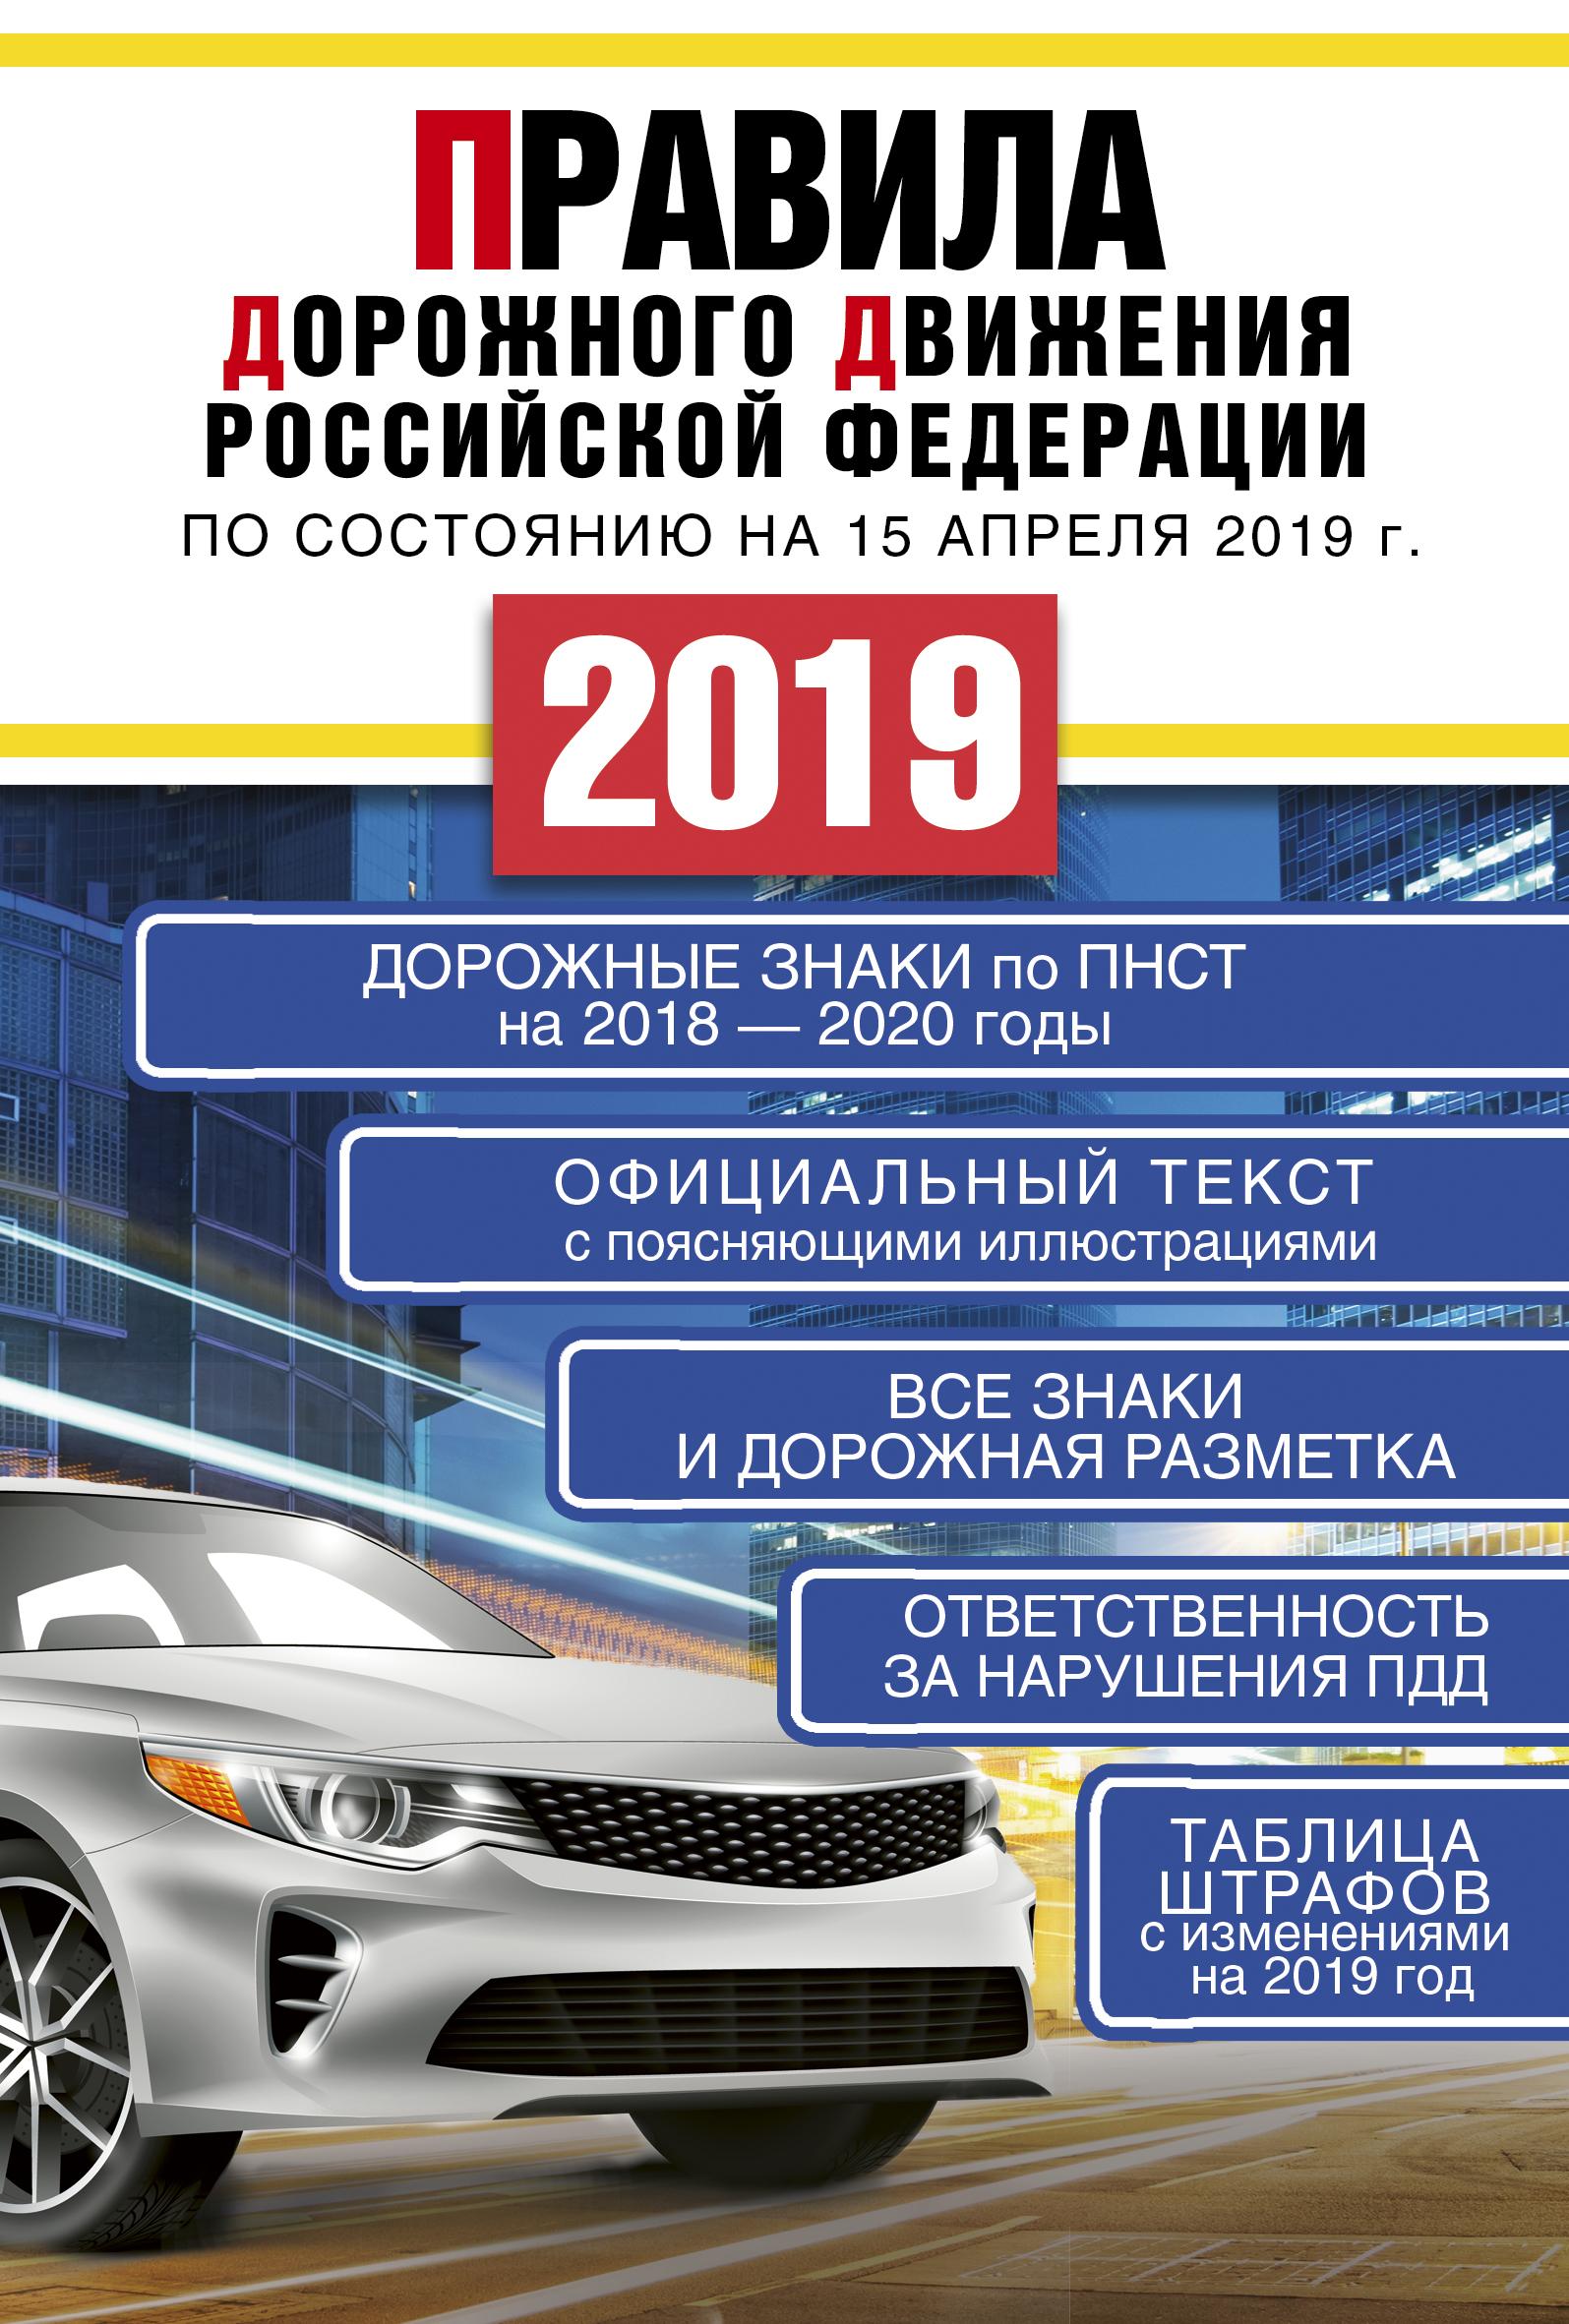 . Правила дорожного движения Российской Федерации на 15 апреля 2019 года